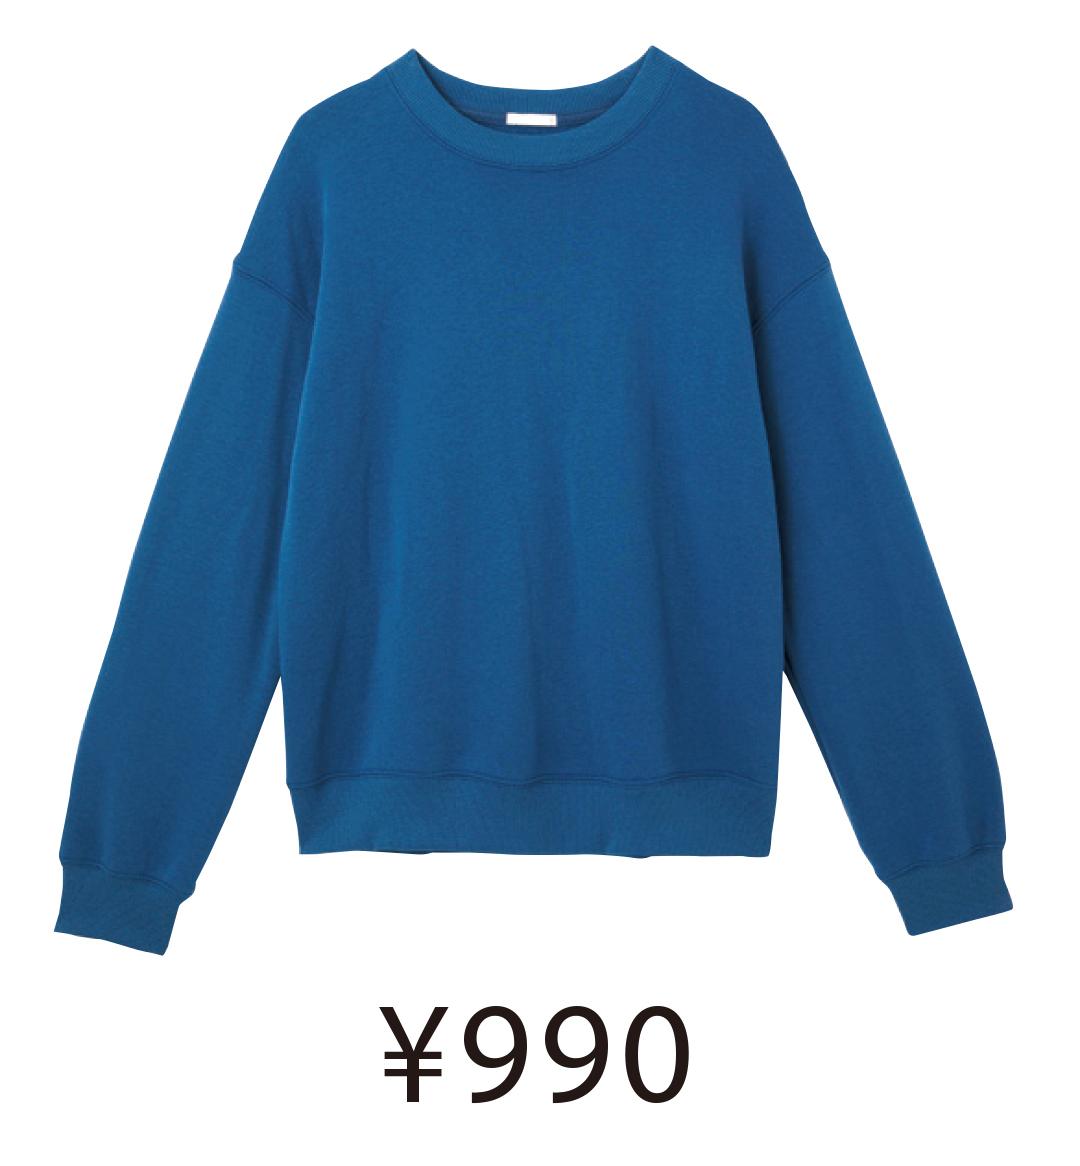 GUのキュッキュー(¥990)スウェットを長~く着る方法♡【着回しコーデ】_1_1